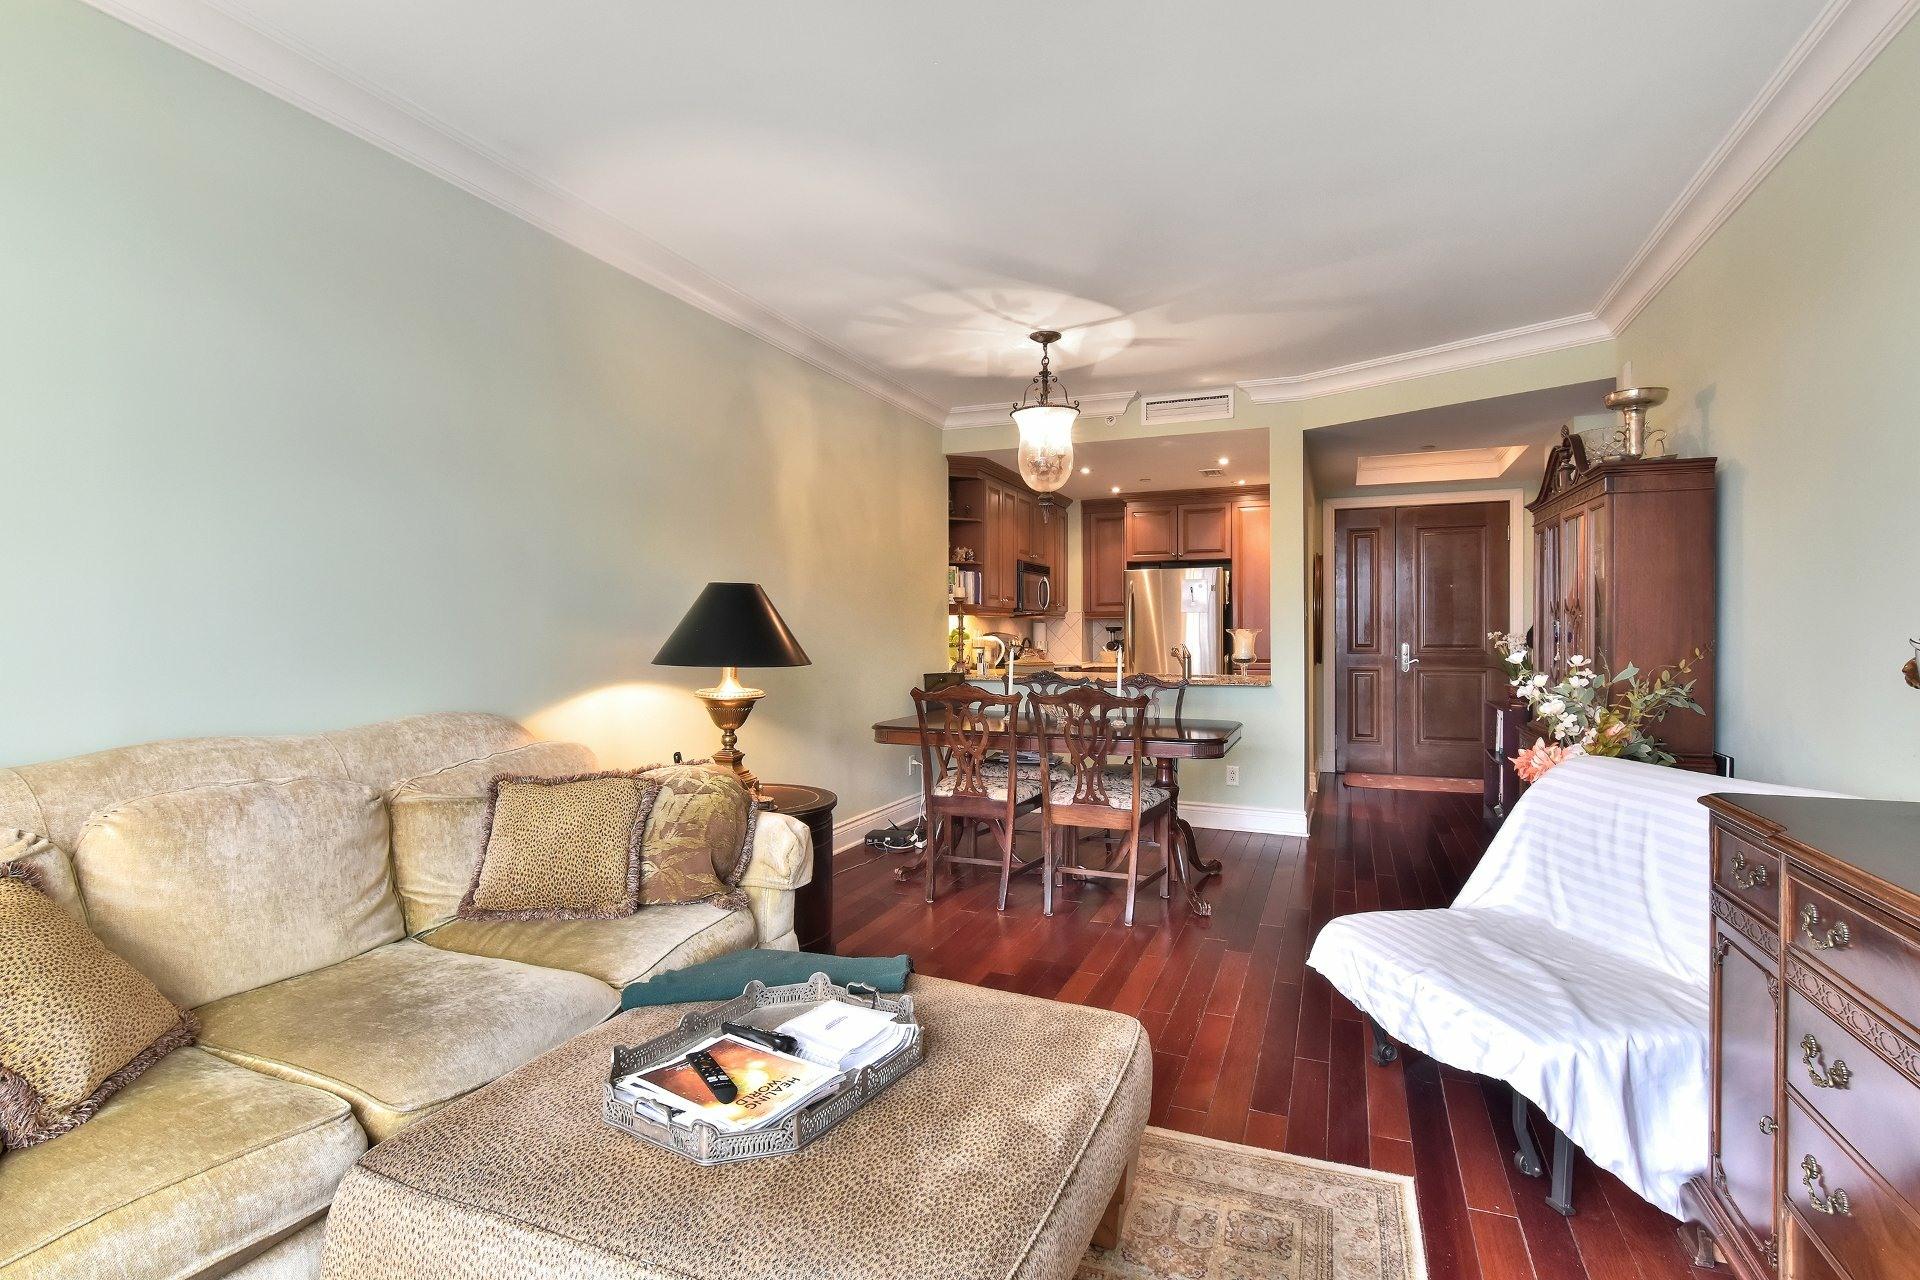 image 16 - Apartment For sale Côte-Saint-Luc - 5 rooms